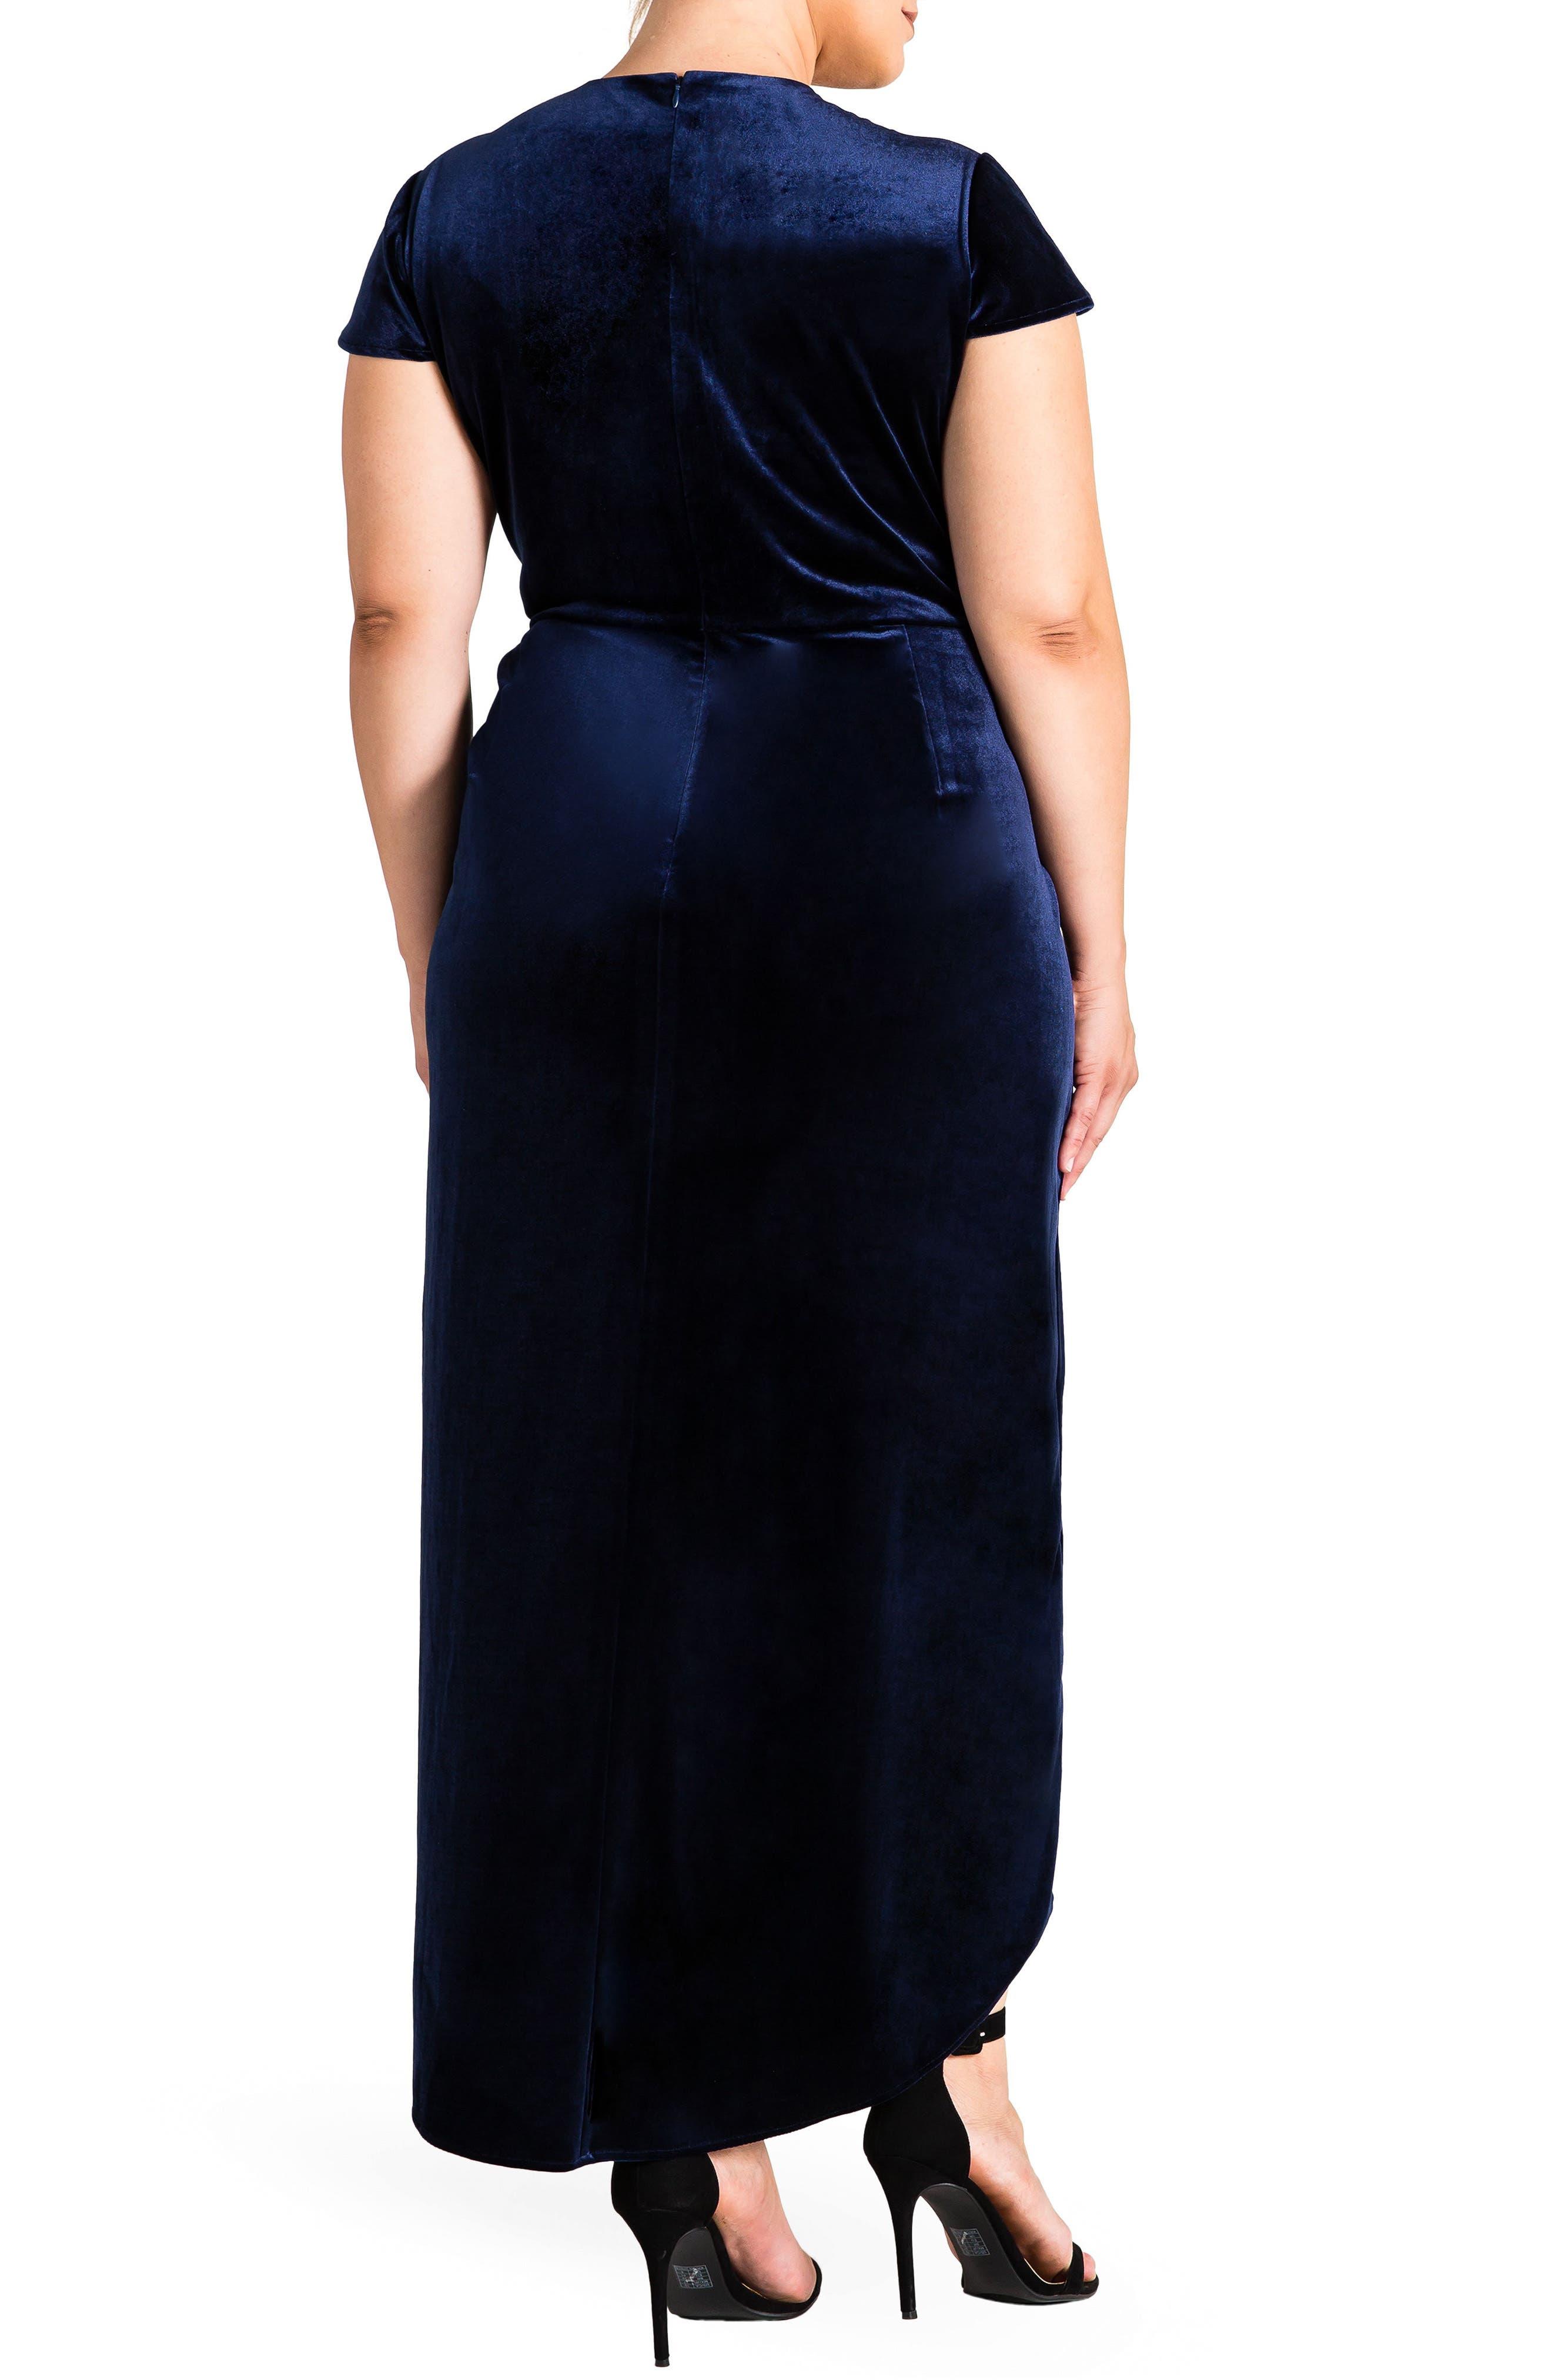 Luna Velvet Dress,                             Alternate thumbnail 2, color,                             Midnight Blue